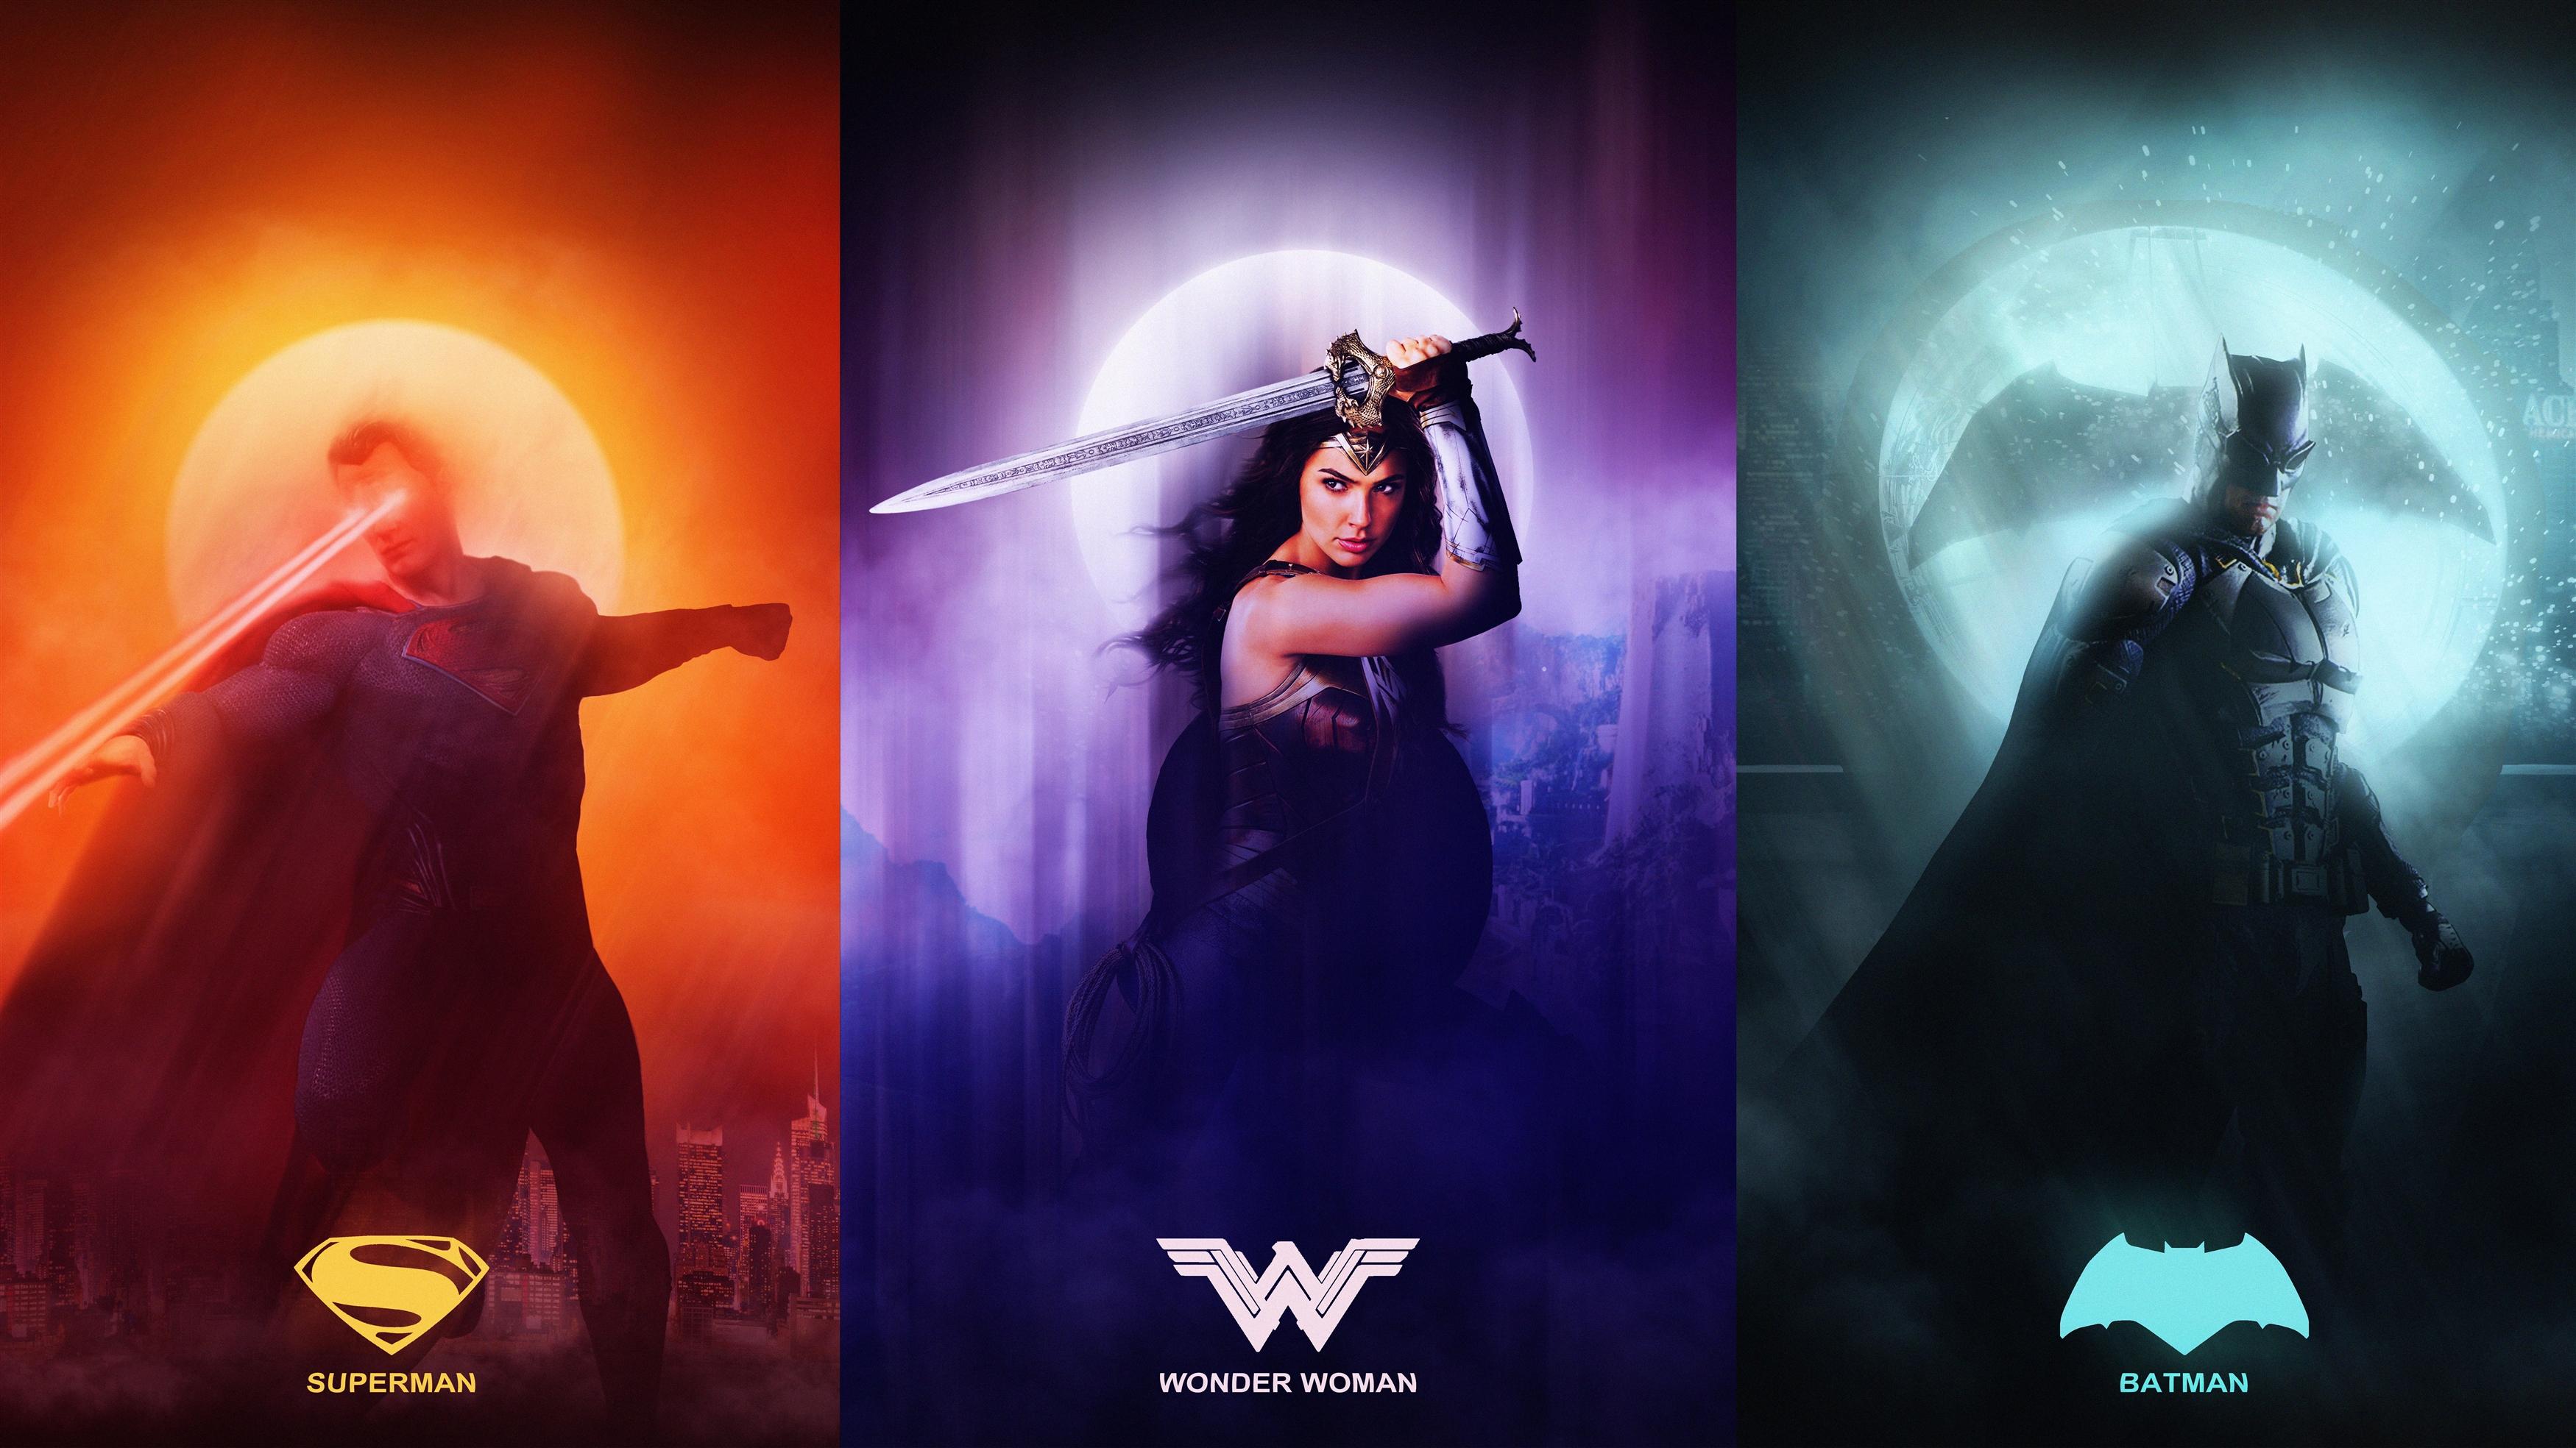 Лига справедливости супермен чудо женщина Бэтмен обои скачать